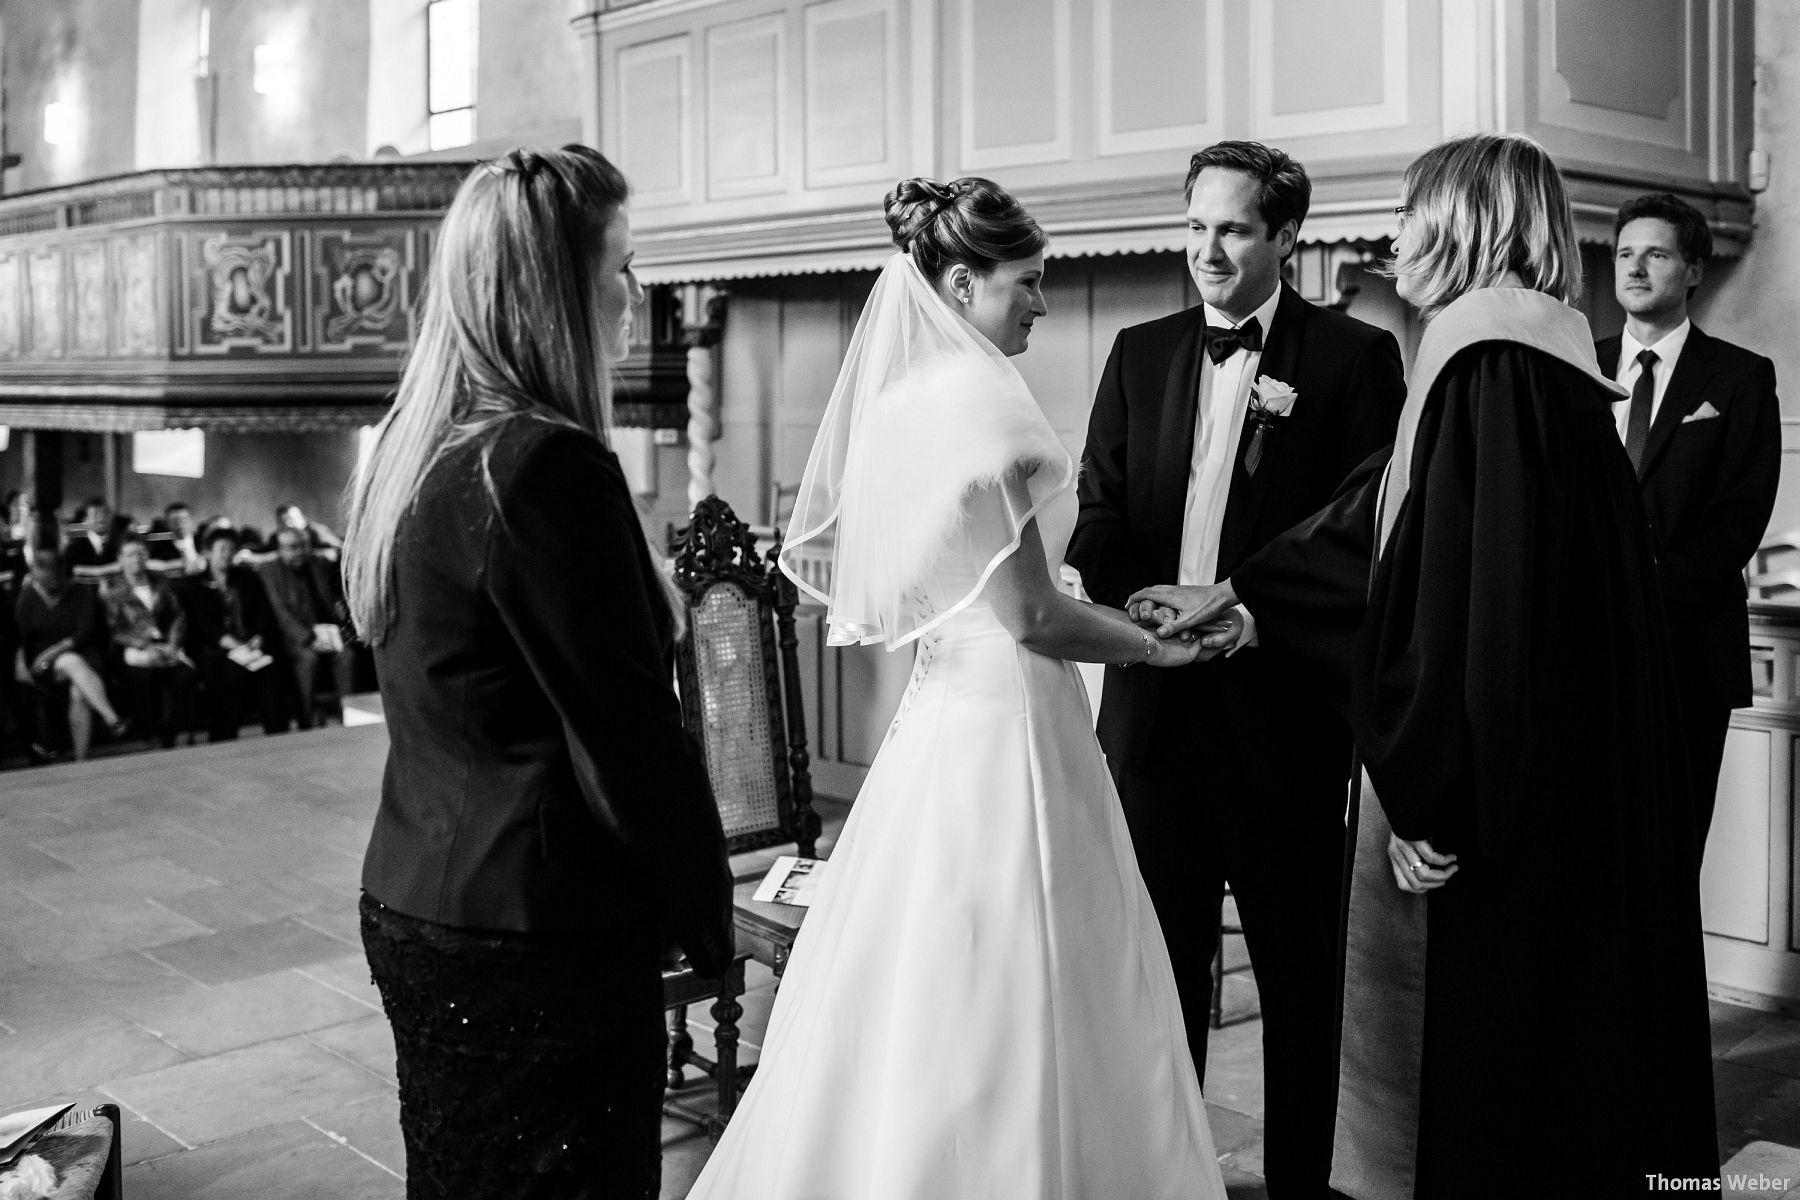 Hochzeitsfotograf Rastede: Kirchliche Trauung in der St. Ulrichs Kirche Rastede und Hochzeitsfeier in der Eventscheune St Georg Rastede mit dem Catering von Split Food (Michael Niebuhr) aus Oldenburg (28)